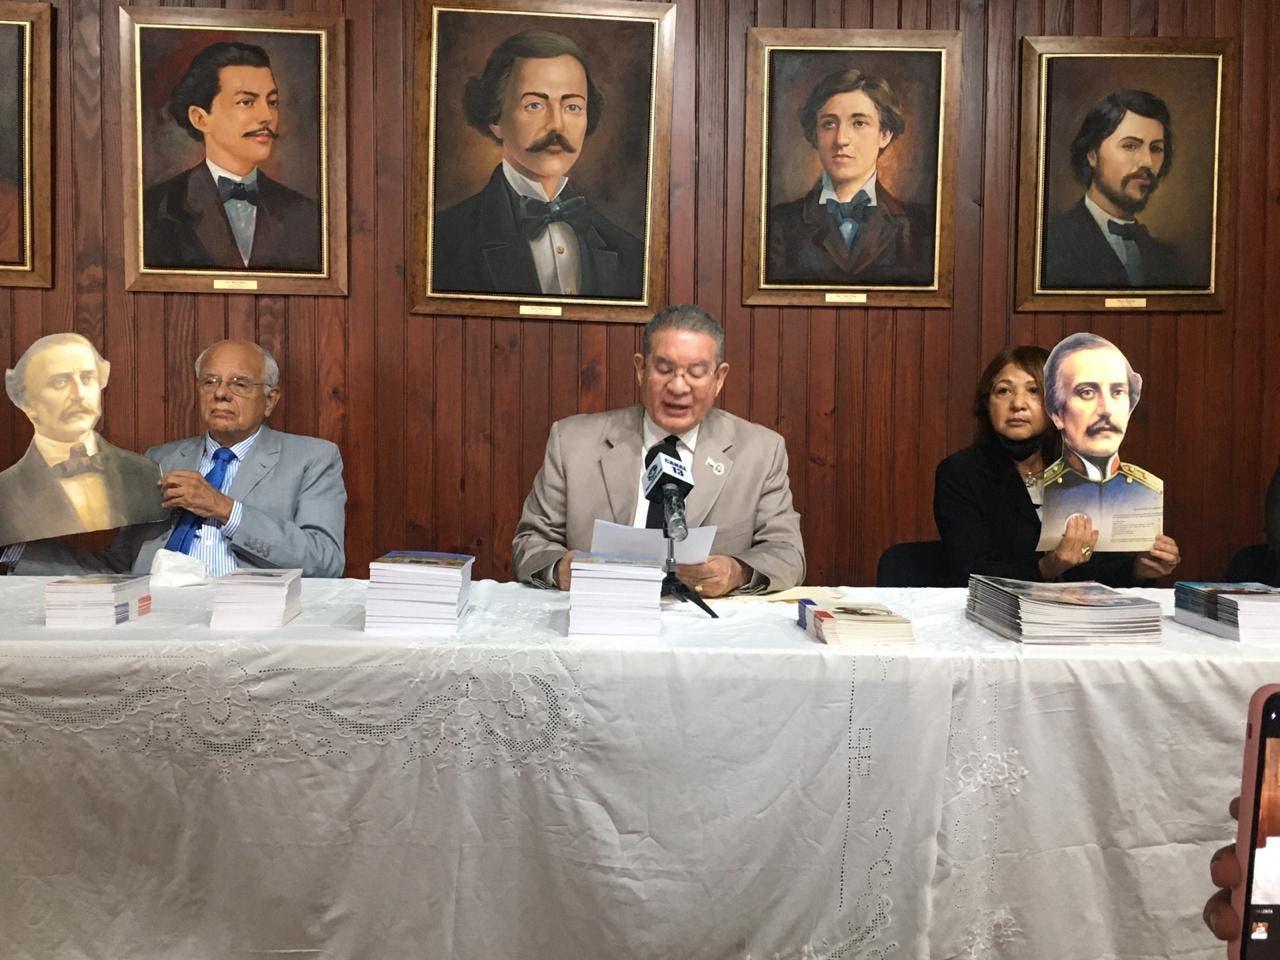 Someterán a la justicia hombre alteró y distribuyó en redes foto de Duarte